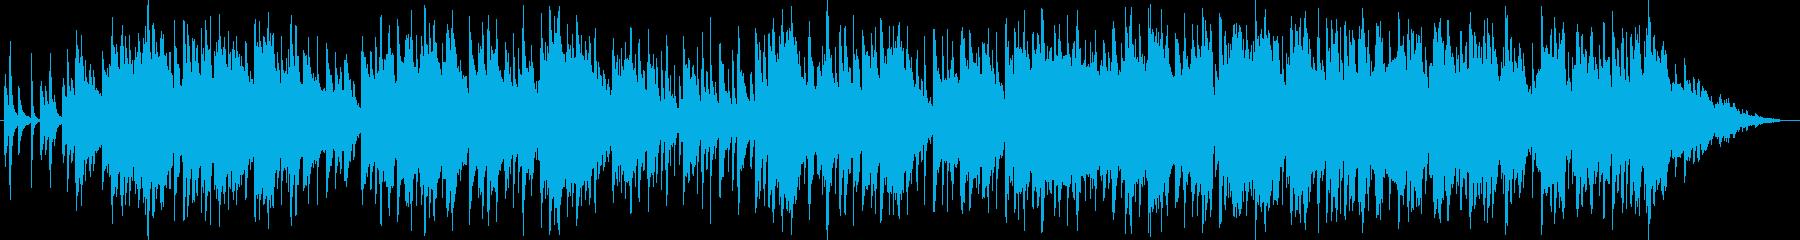 平凡平和 日本の暮らし 和風バラード 琴の再生済みの波形